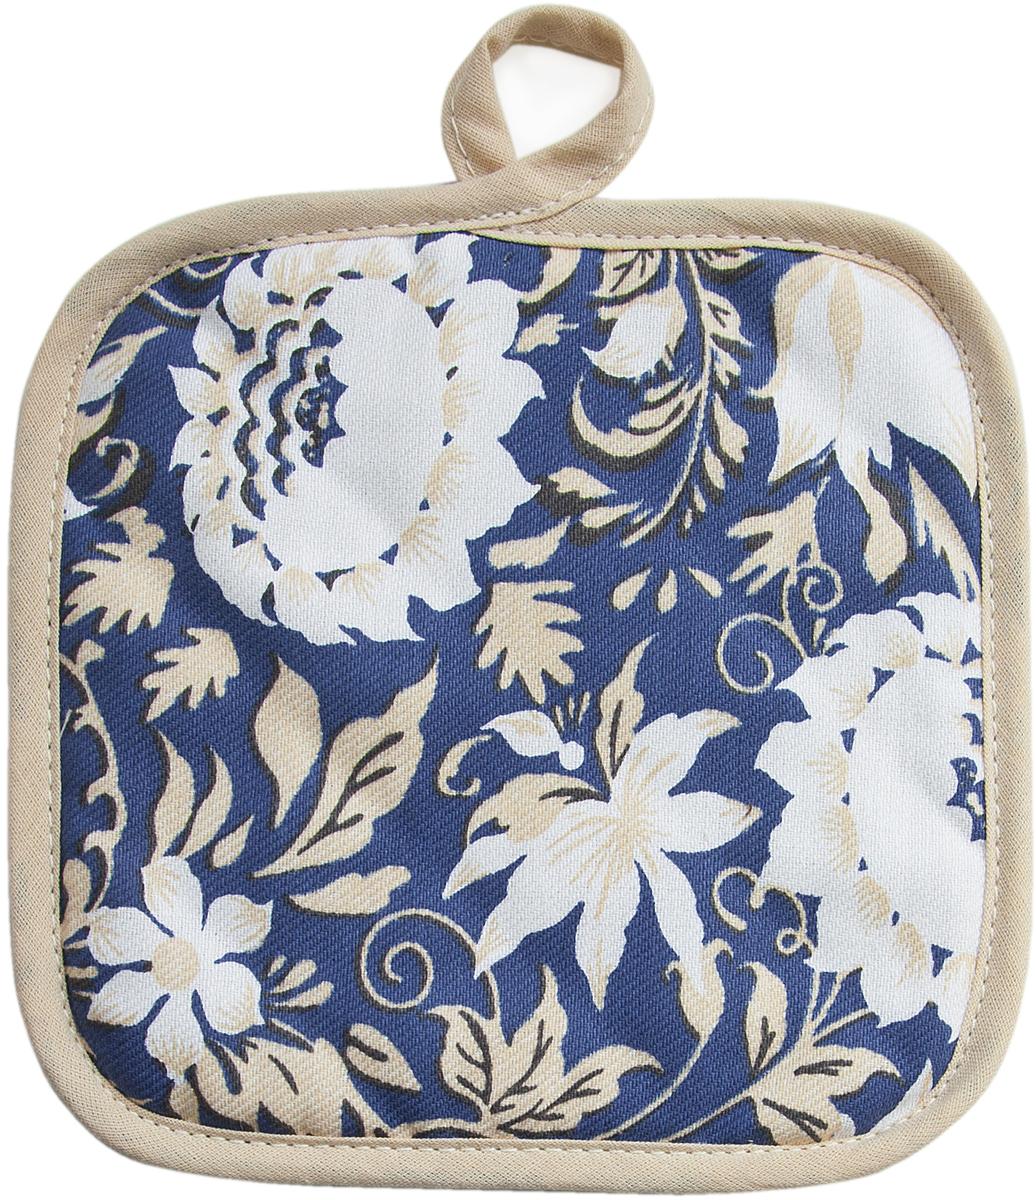 Прихватка Bonita Белые росы, 18 х 18 смVT-1520(SR)Прихватка Bonita выполнена из натурального хлопка и декорирована оригинальным рисунком. Изделие оснащено специальной петелькой, за которую его можно подвесить на крючок в любом удобном для вас месте. Такая прихватка красиво дополнит интерьер кухни.